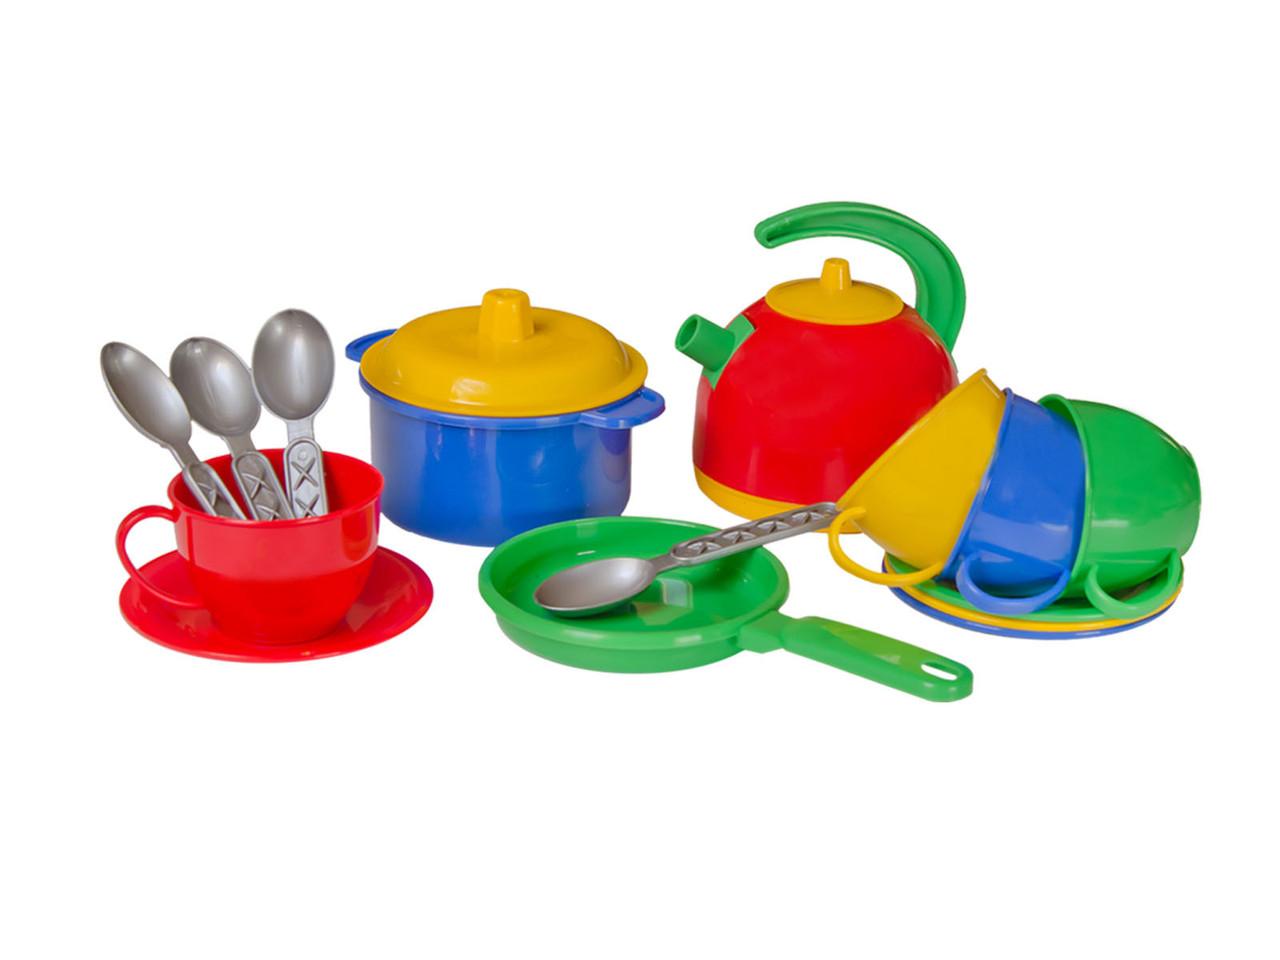 Посудка Маринка 5, игровой набор Технок - Style-Baby детский магазин в Киеве